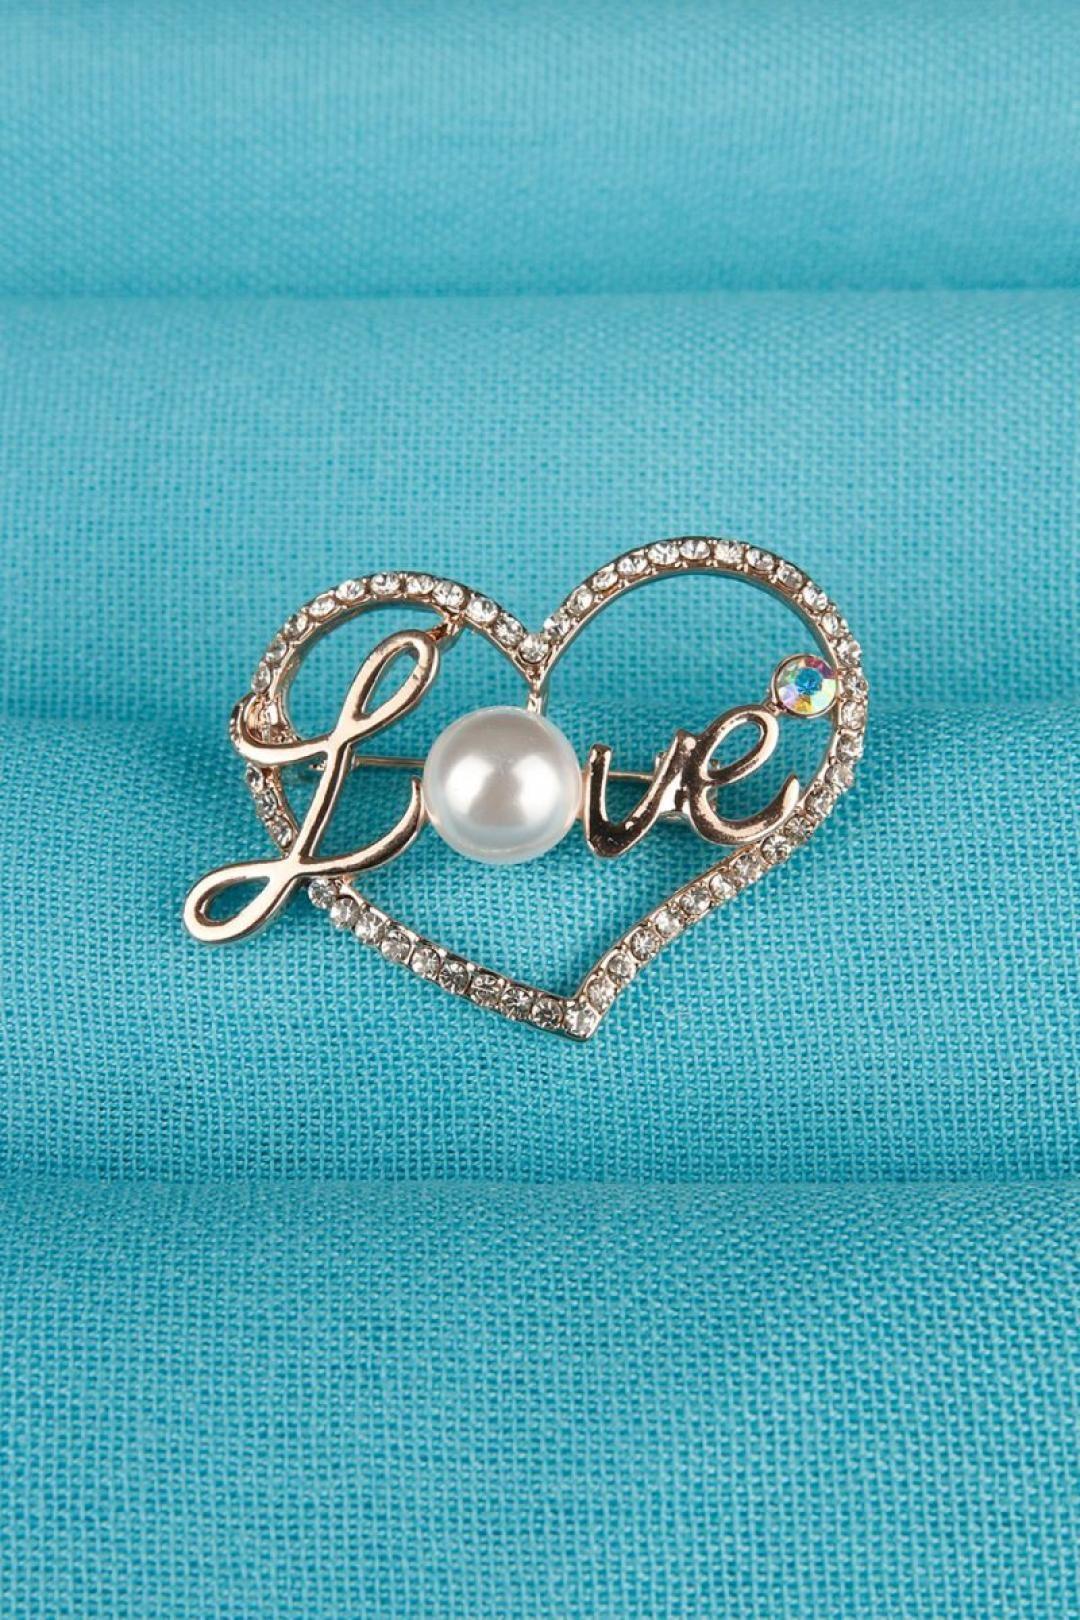 Rose Kalp ve Love Yazı Tasarımlı Bayan Broş